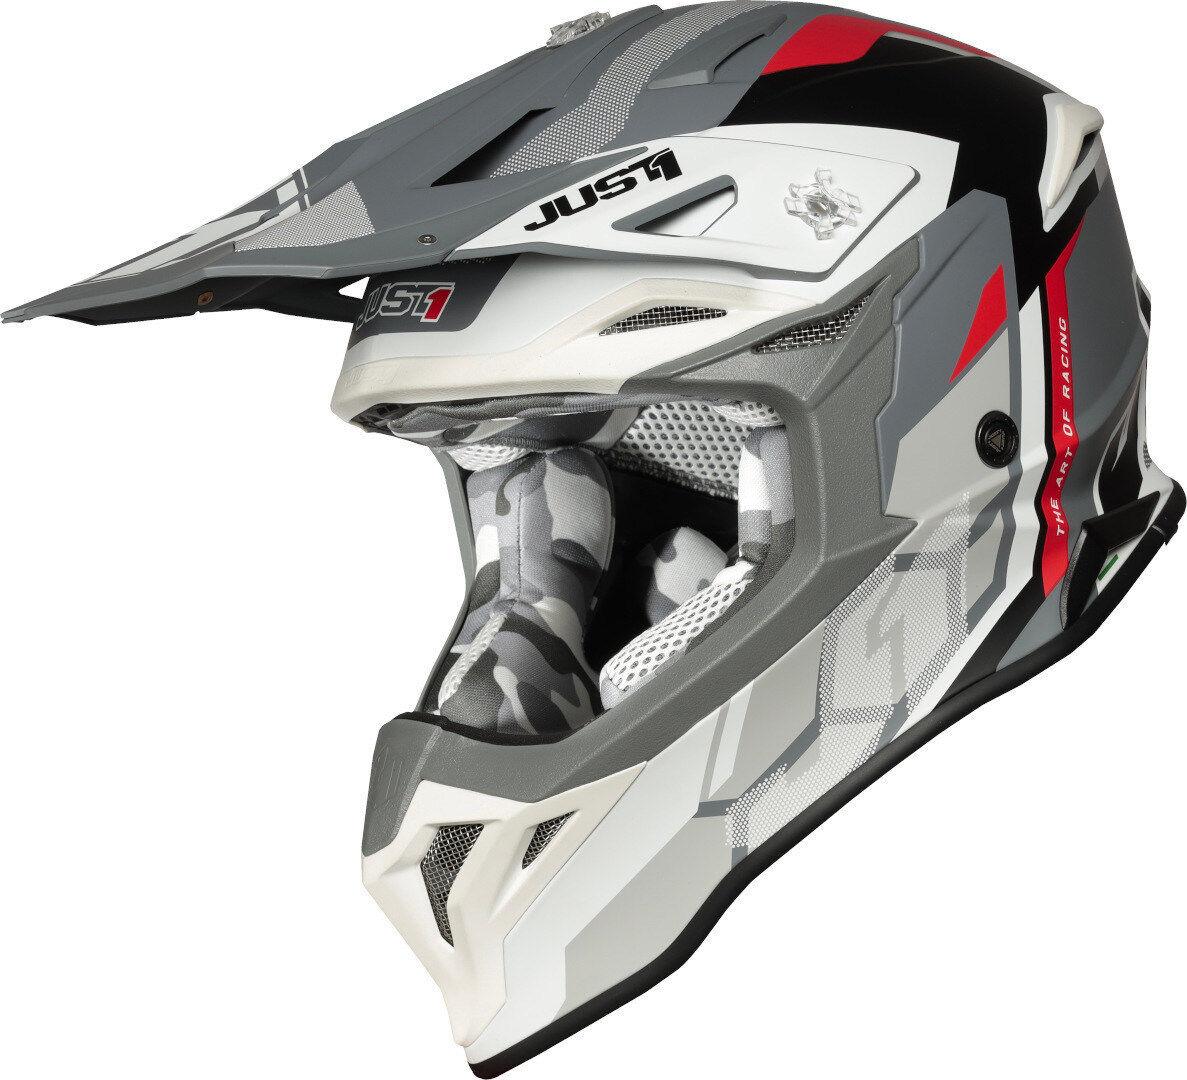 Just1 J39 Reactor Motocross kypärä  - Harmaa Valkoinen Punainen - Size: XS